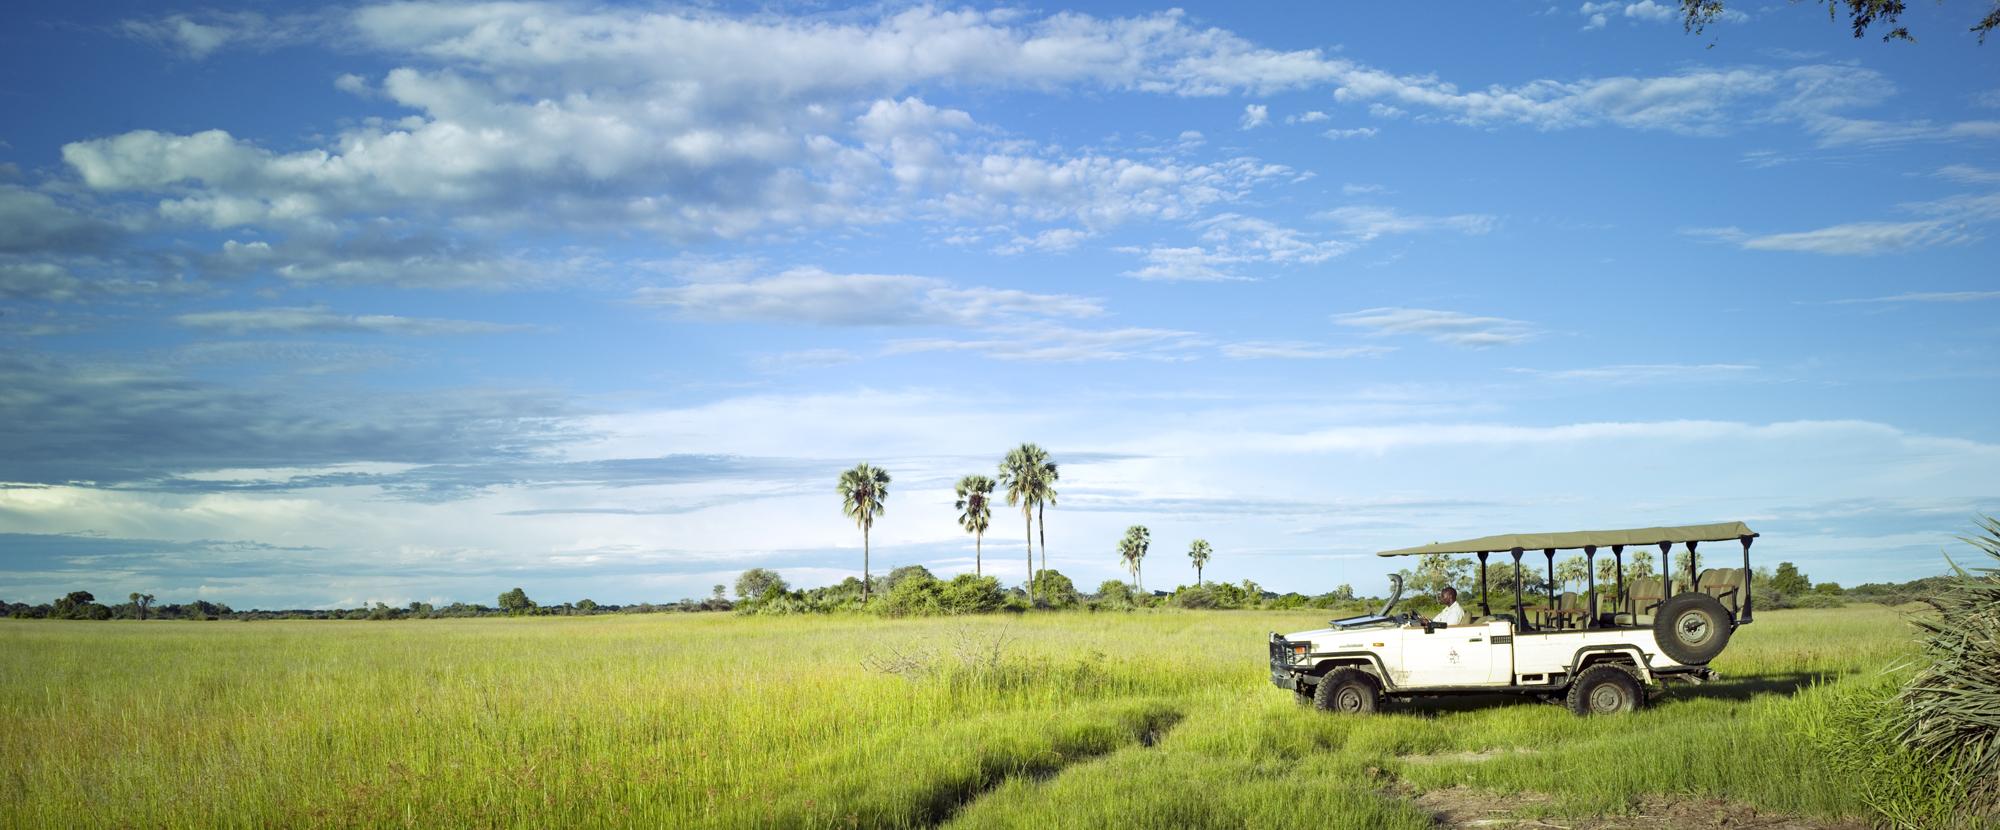 Chief's Camp in Botswana